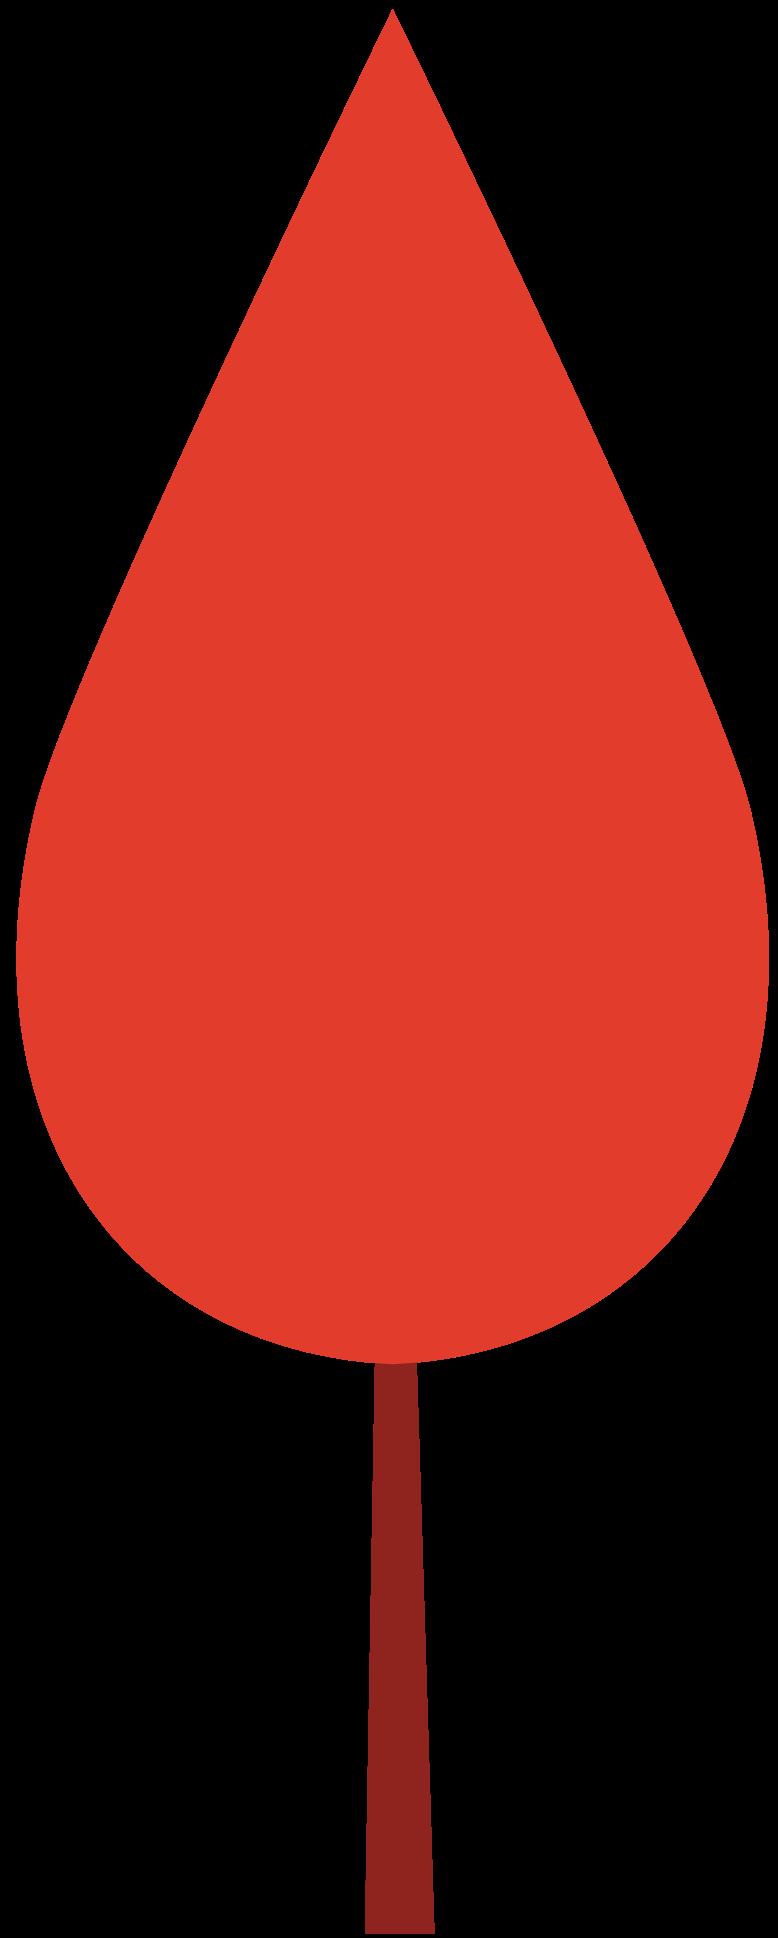 tree leaf Clipart illustration in PNG, SVG